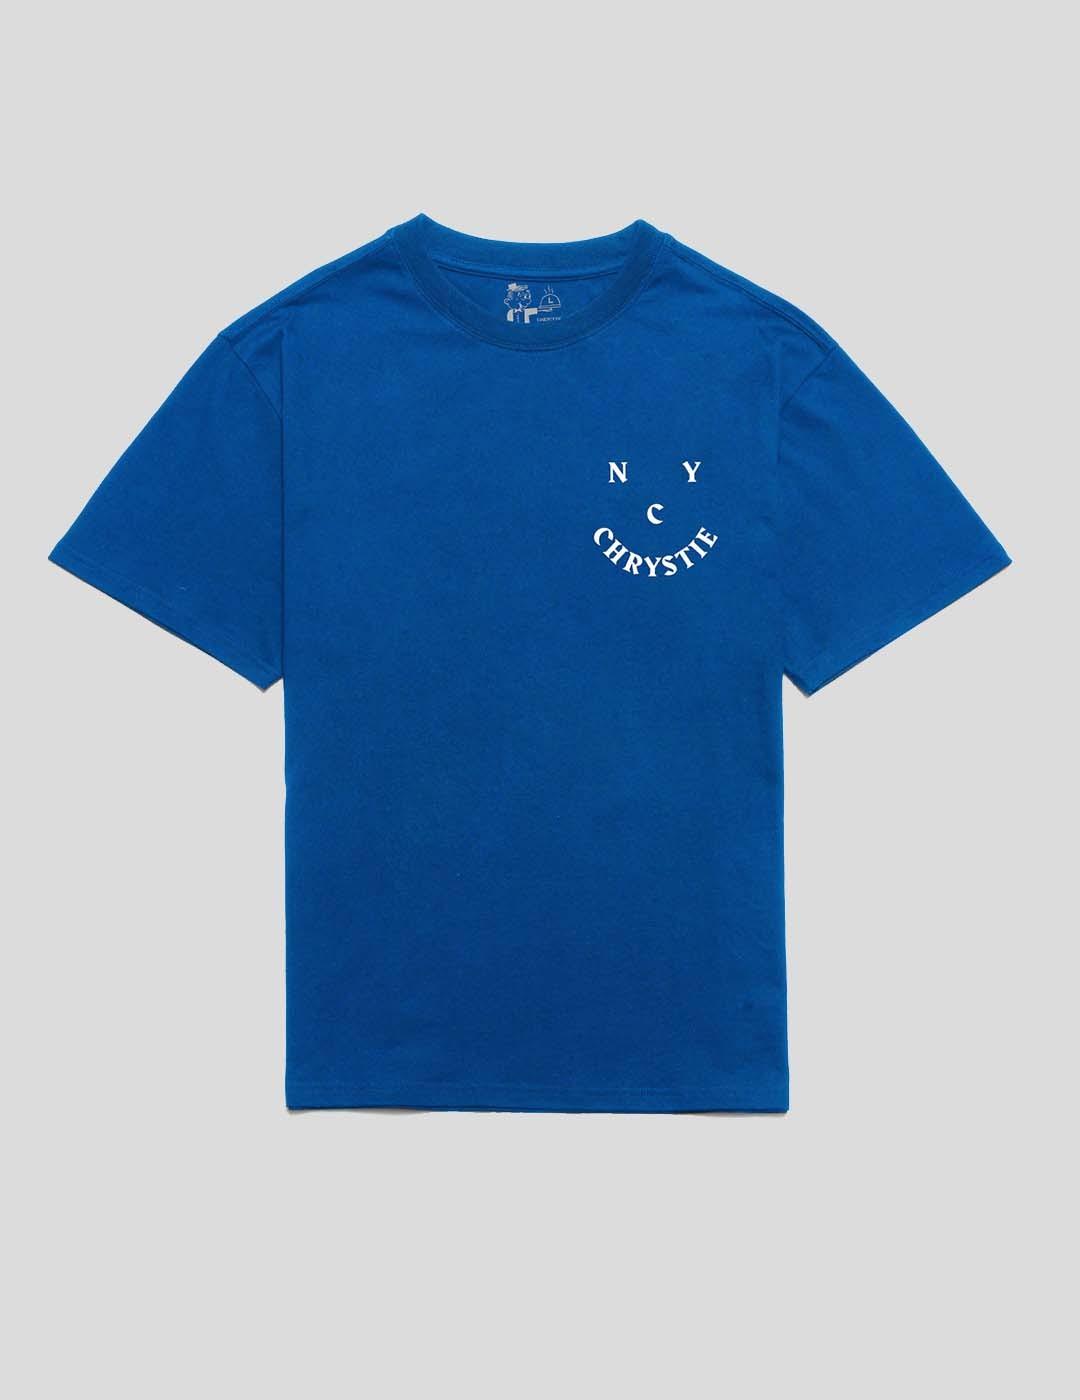 CAMISETA CHRYSTIE NYC SMILE LOGO TEE ROYAL BLUE